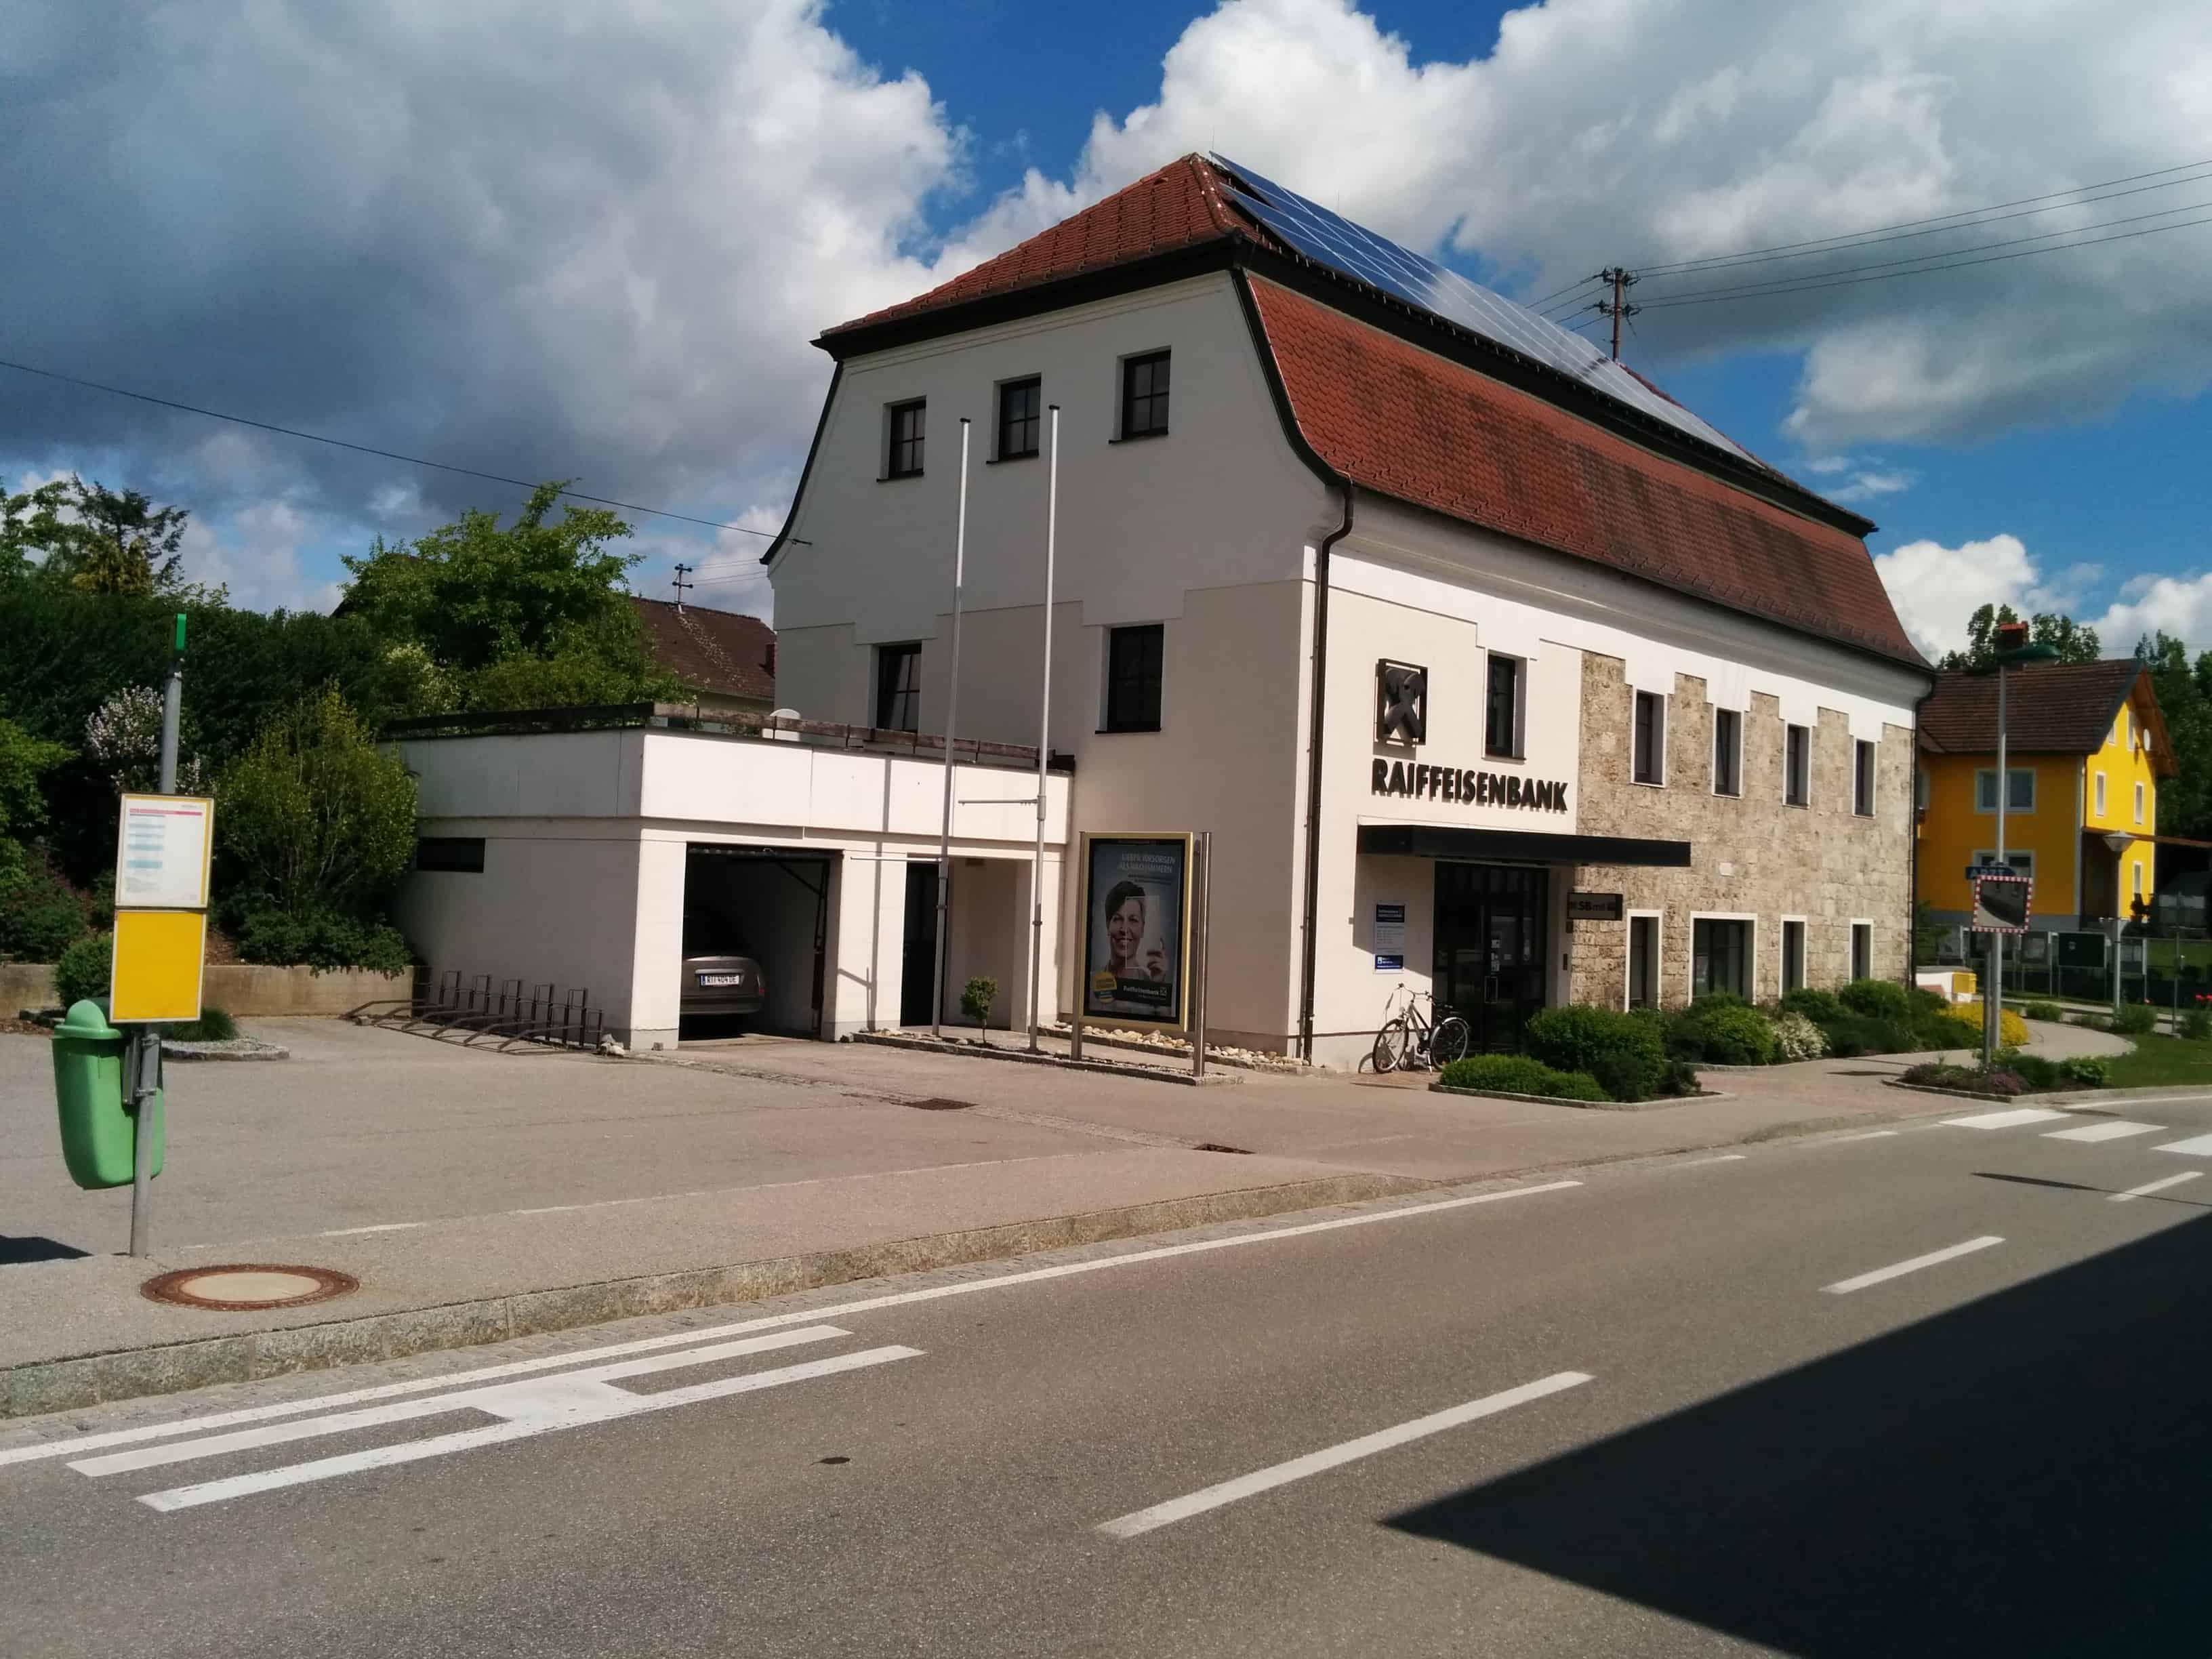 Raiffeisenbank Innkreis Mitte reg. Gen. m. b. H. Zws. Reichersberg